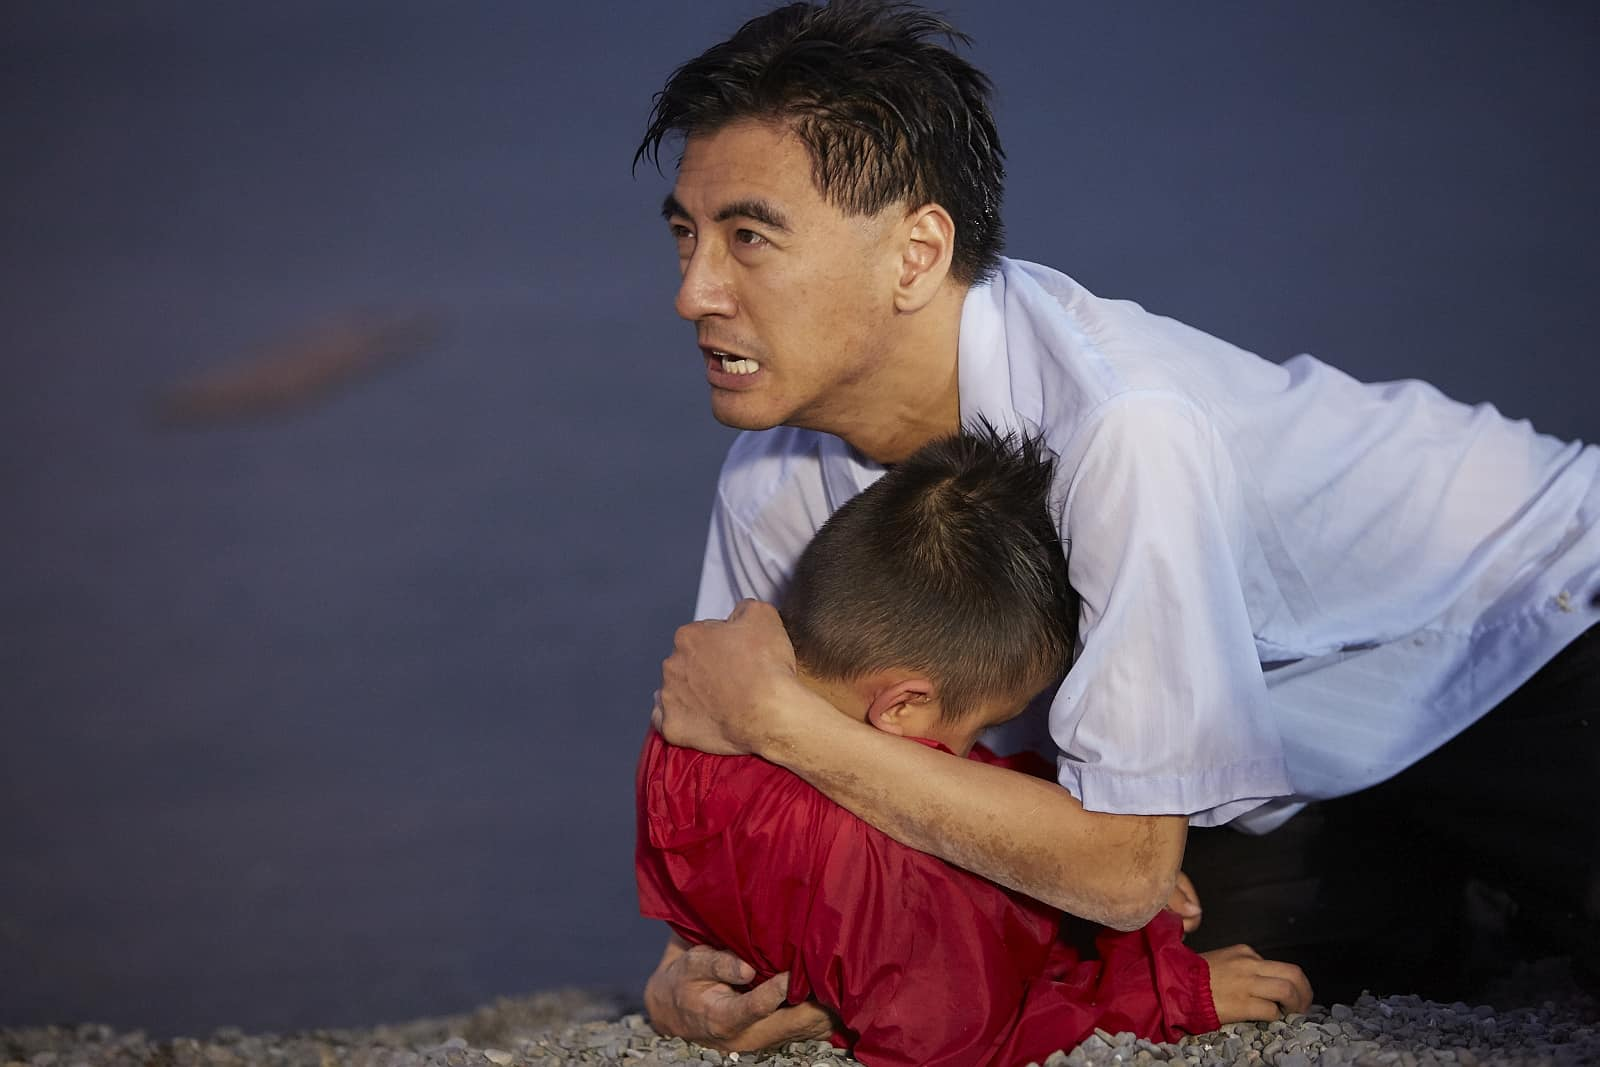 Das moderne Kanada ist liberal und hilfsbereit. Menschen in Not, wie die vietnamesischen Boat-People fanden und finden in Kanada eine neue Heimat. Foto © ZDFinfo